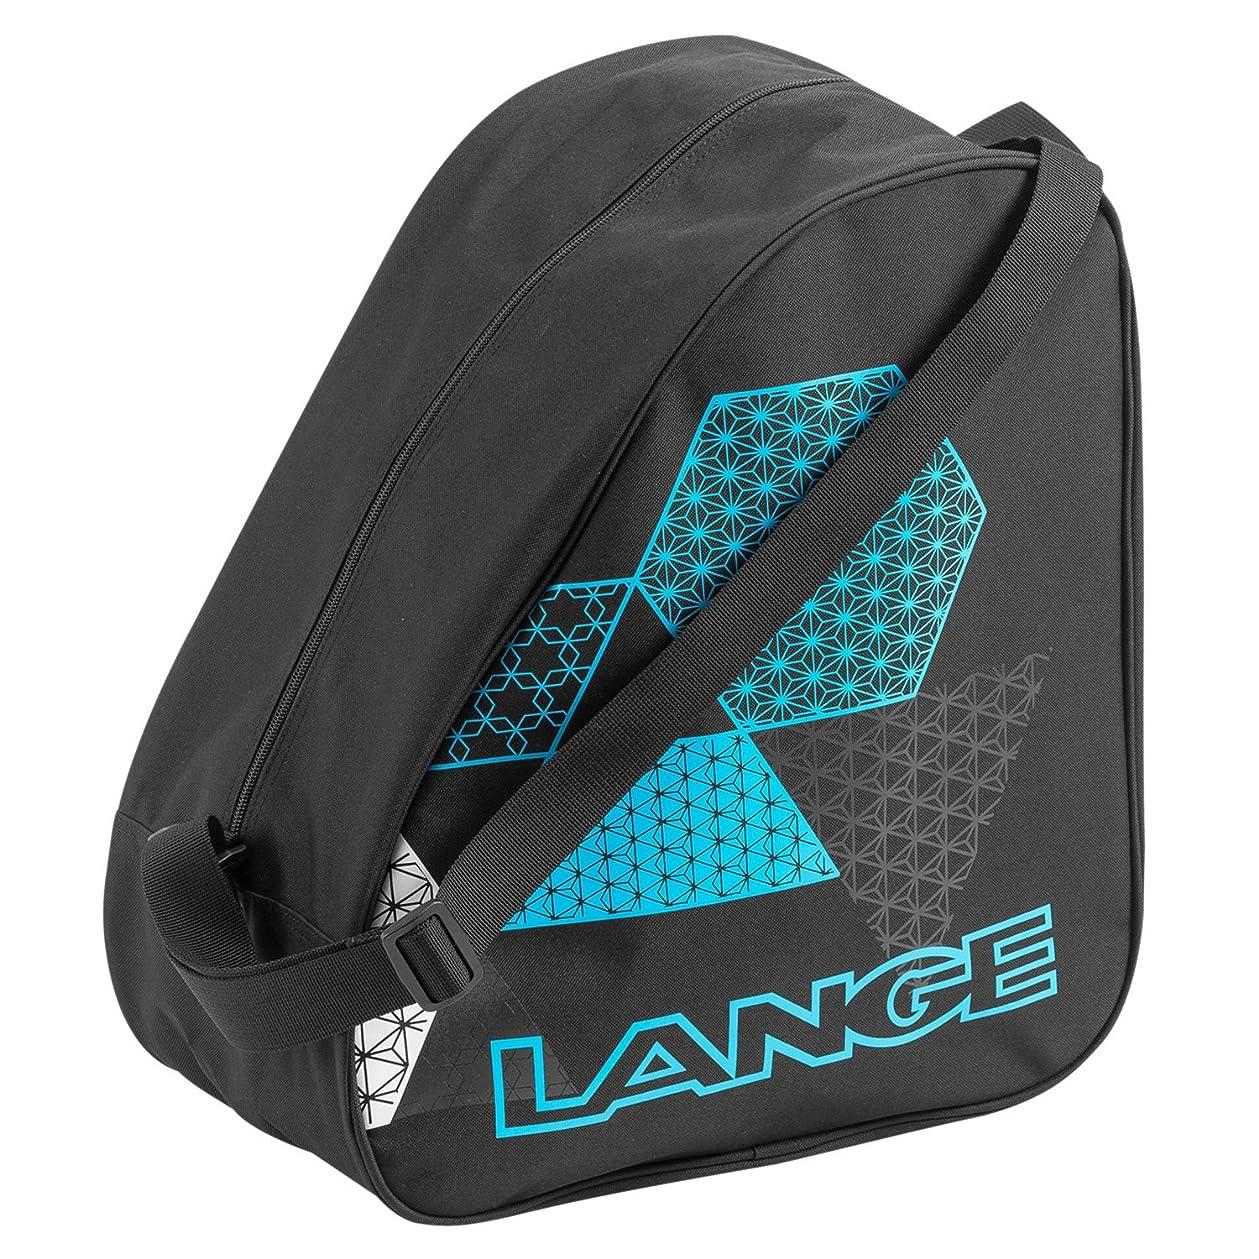 樹皮腐敗したプロフェッショナルLANGE(ラング)【LKFB401】スキー ブーツバッグ EXCLUSIVE BASIC BOOT BAG